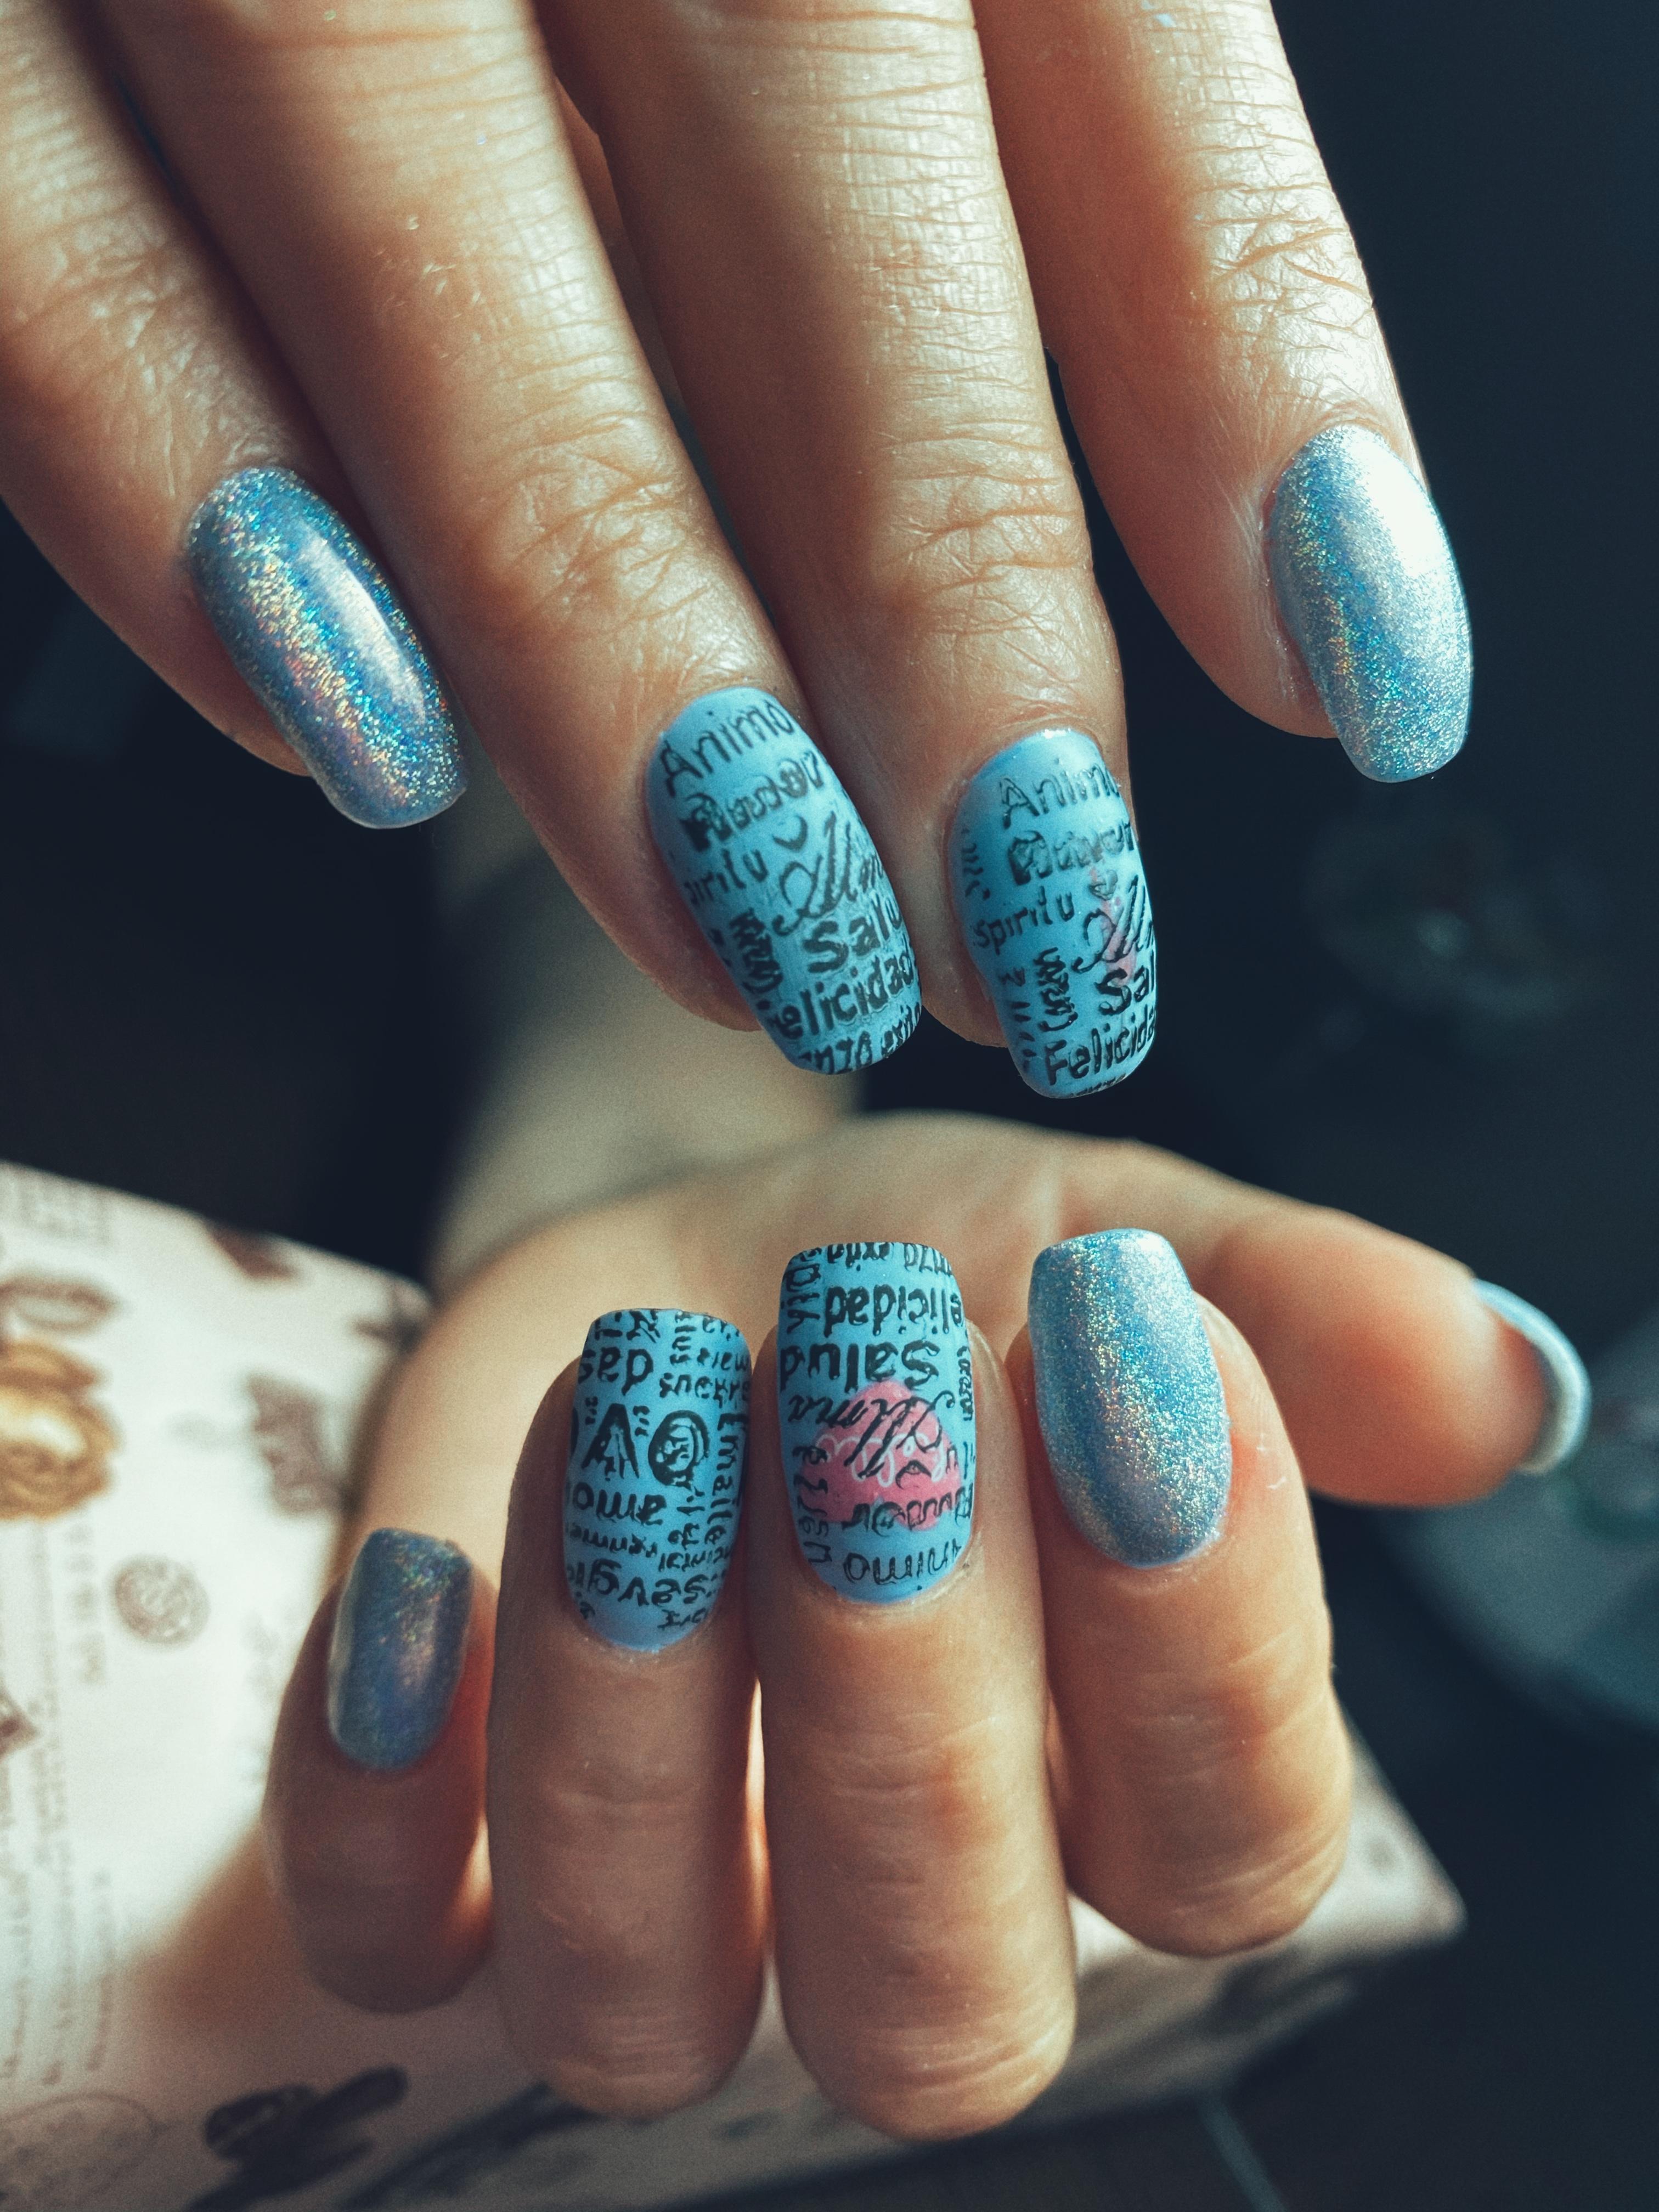 Маникюр с надписями и втиркой в голубом цвете на длинные ногти.